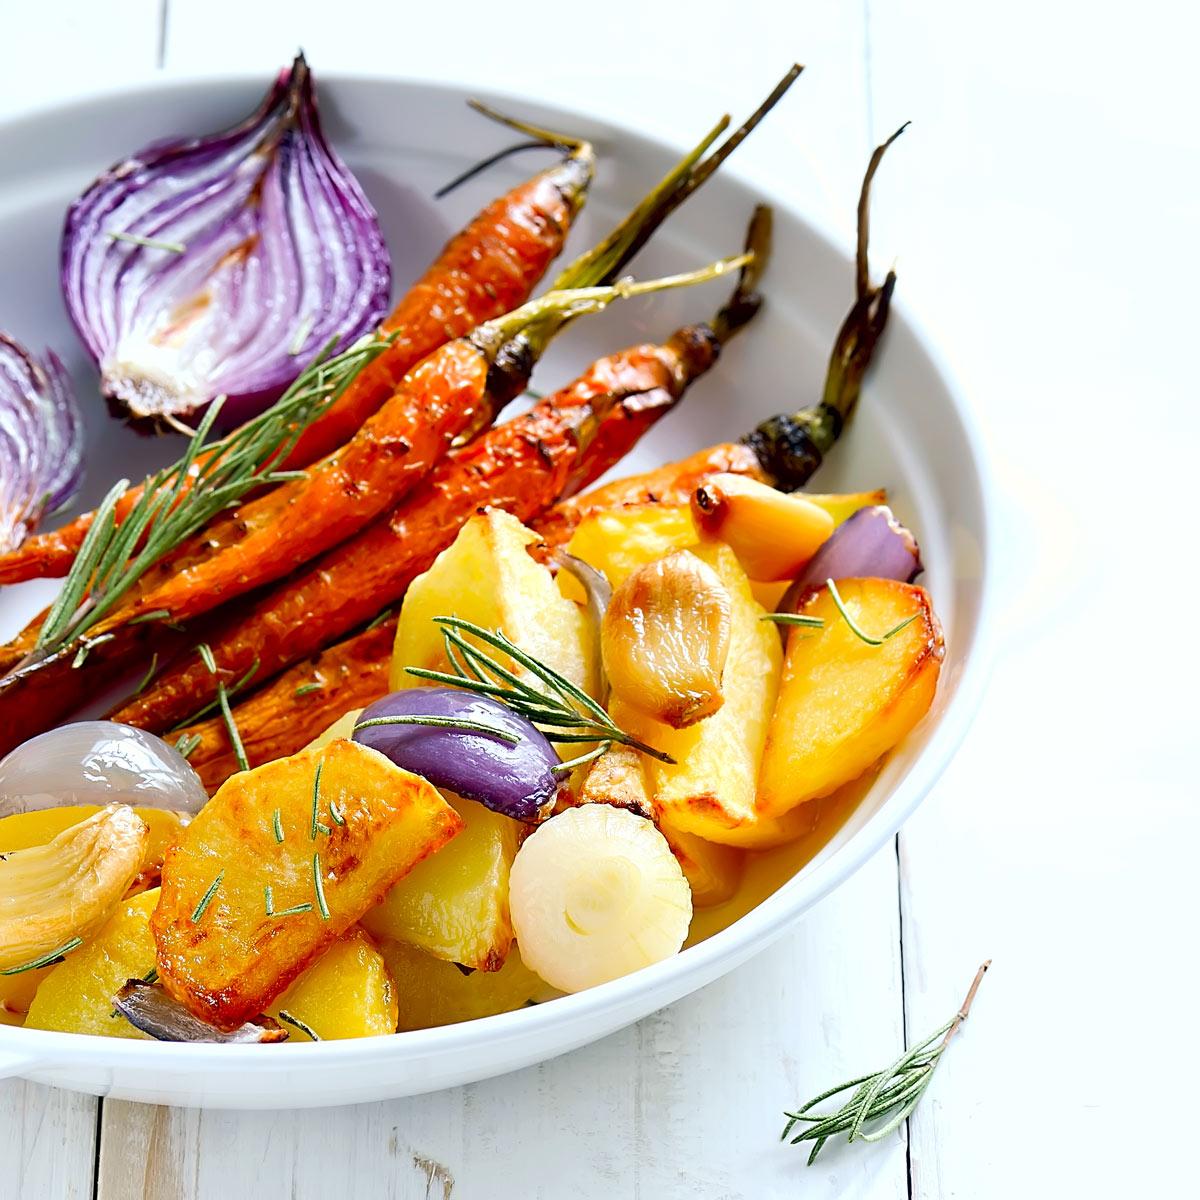 Verduras asadas al miso, recetas sencillas y sanas de la Dra Escoda, doctora en medicina estética